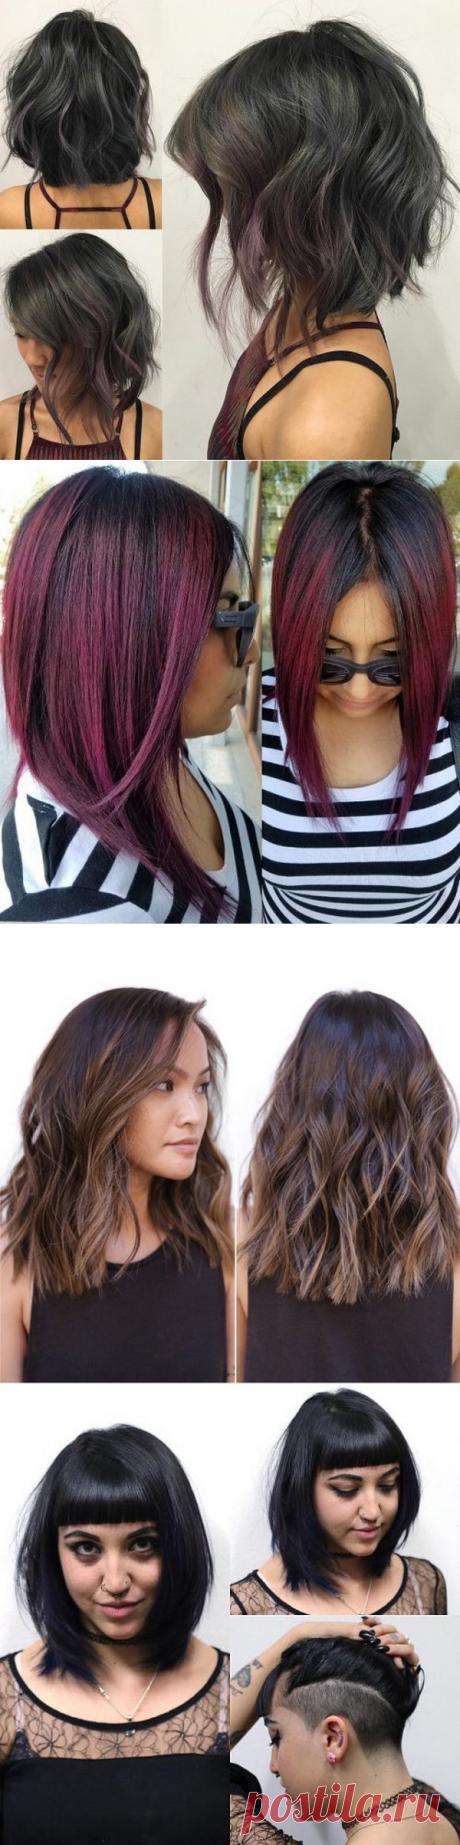 Модные женские стрижки для средних волос 2017-2018 – фото и виды стрижек на средние волосы